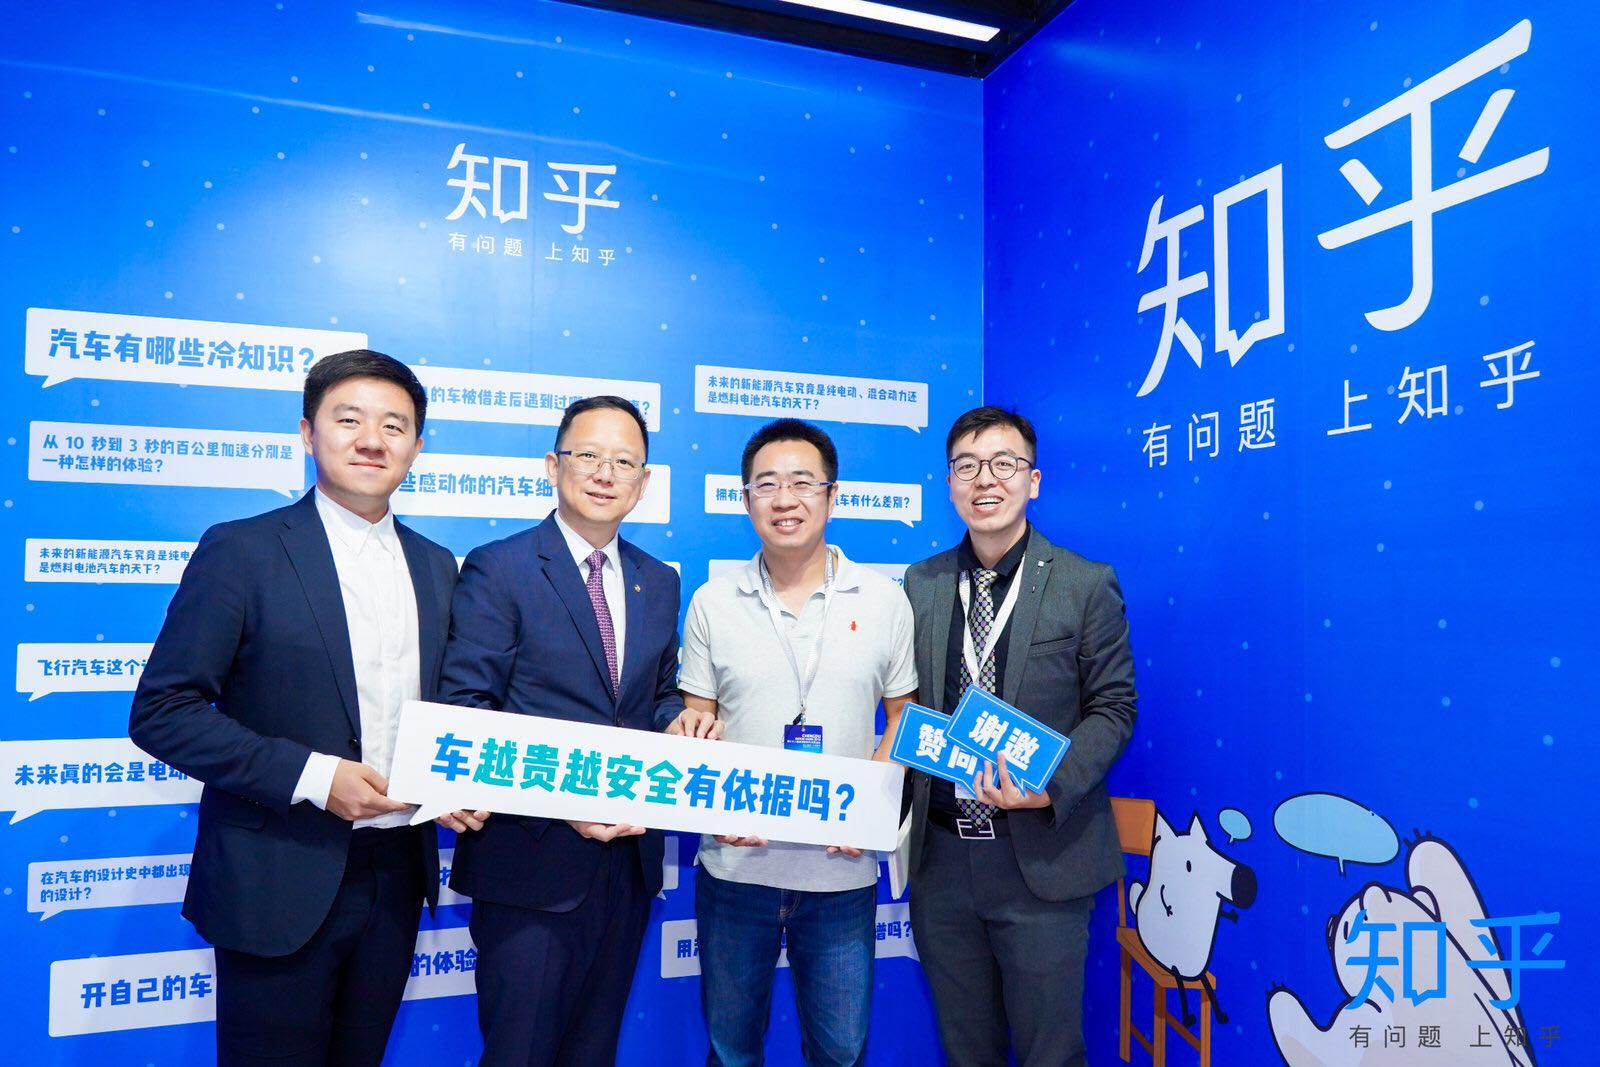 左二为东风乘用车公司副总经理颜宏斌、左三为车云网创始人程李